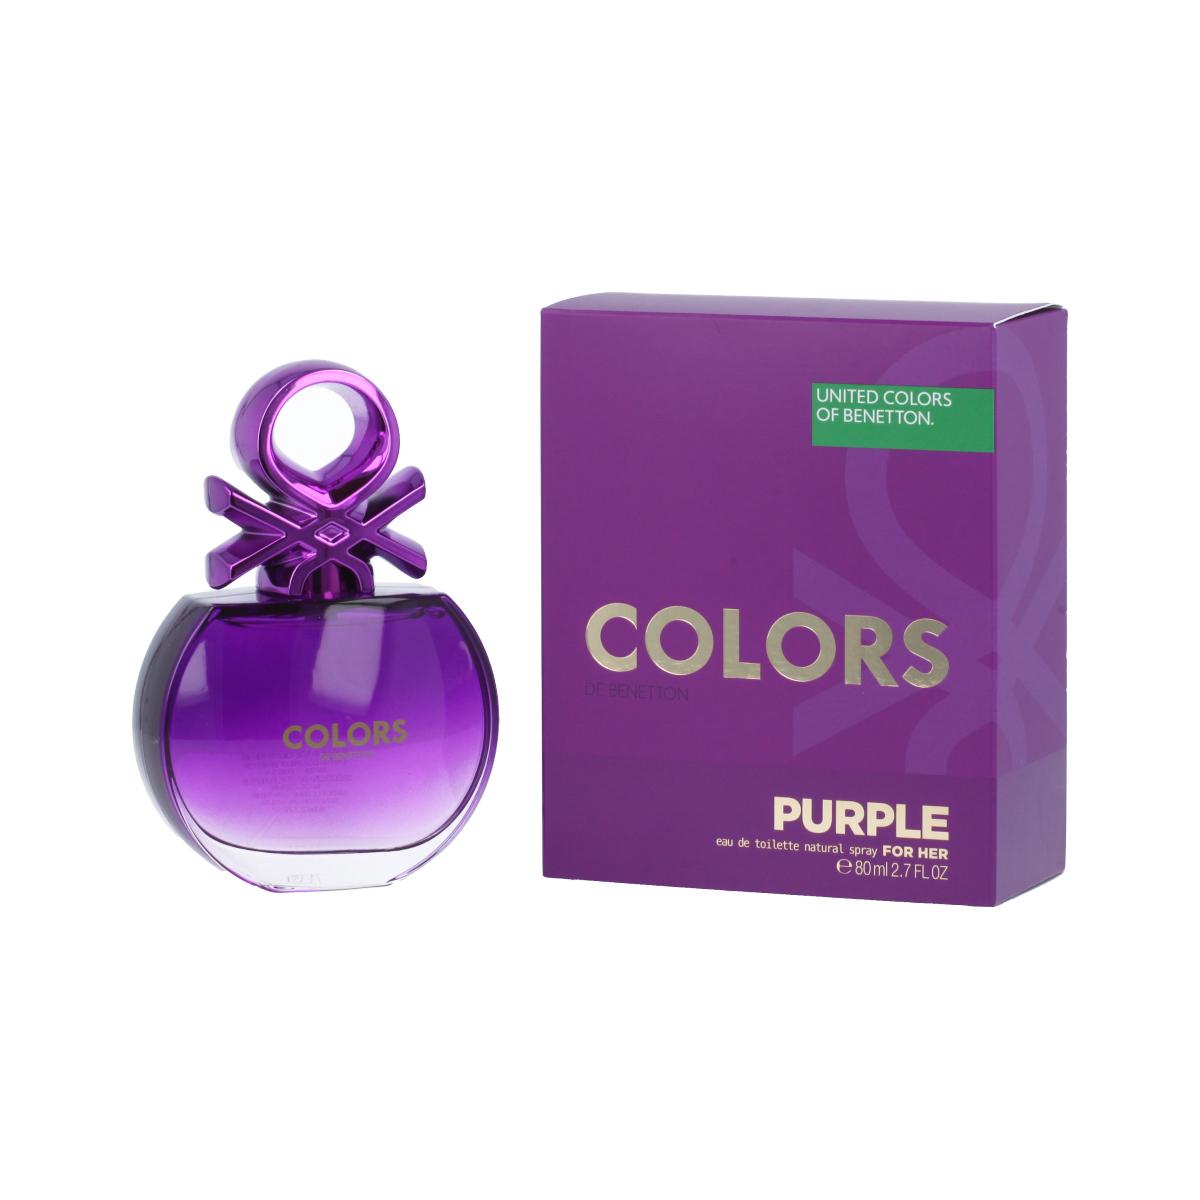 Benetton Colors de Benetton Purple Eau De Toilette 80 ml (woman) 96512